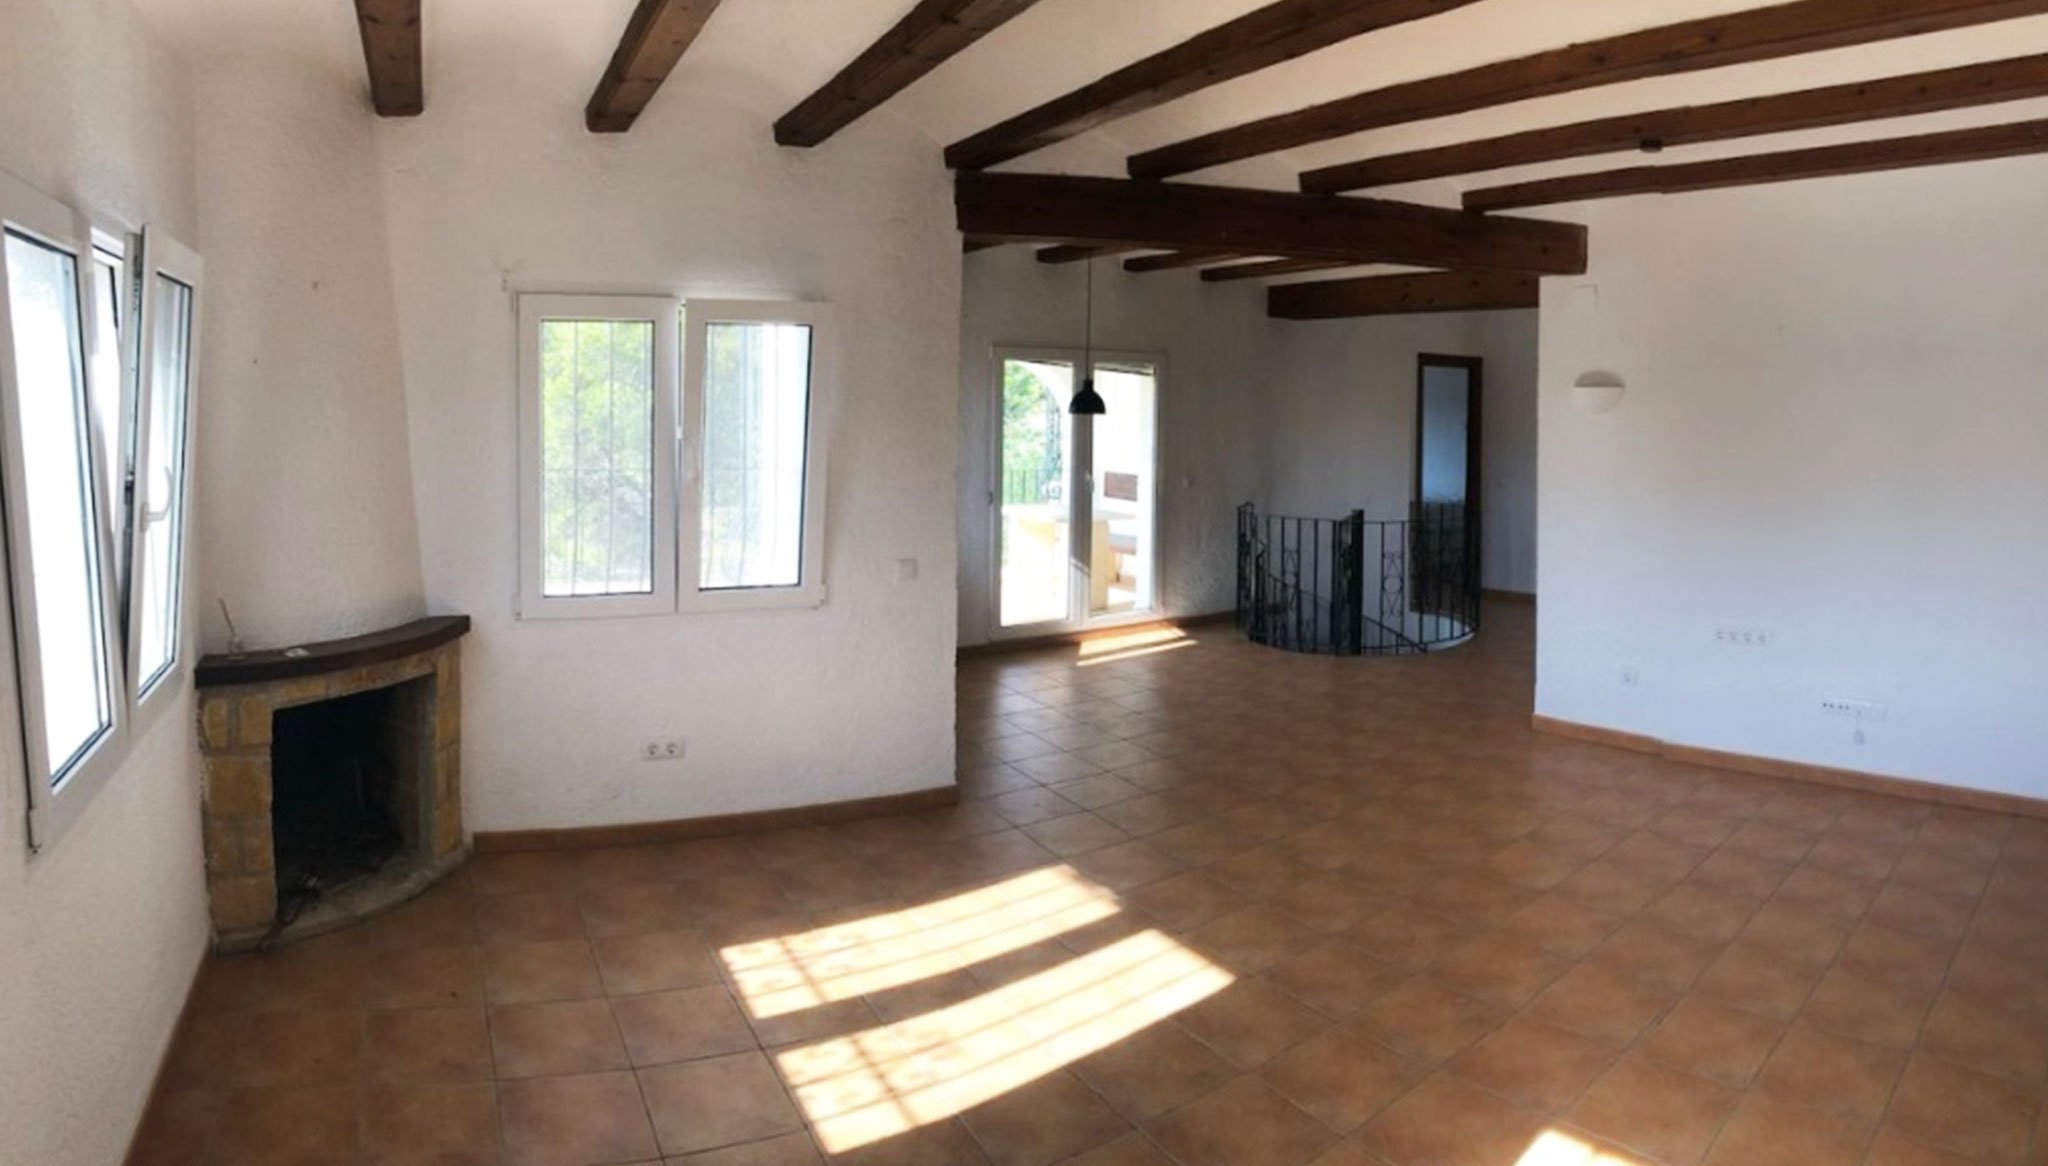 Soggiorno di una villa in vendita nella zona di Ambolo - Terramar Costa Blanca